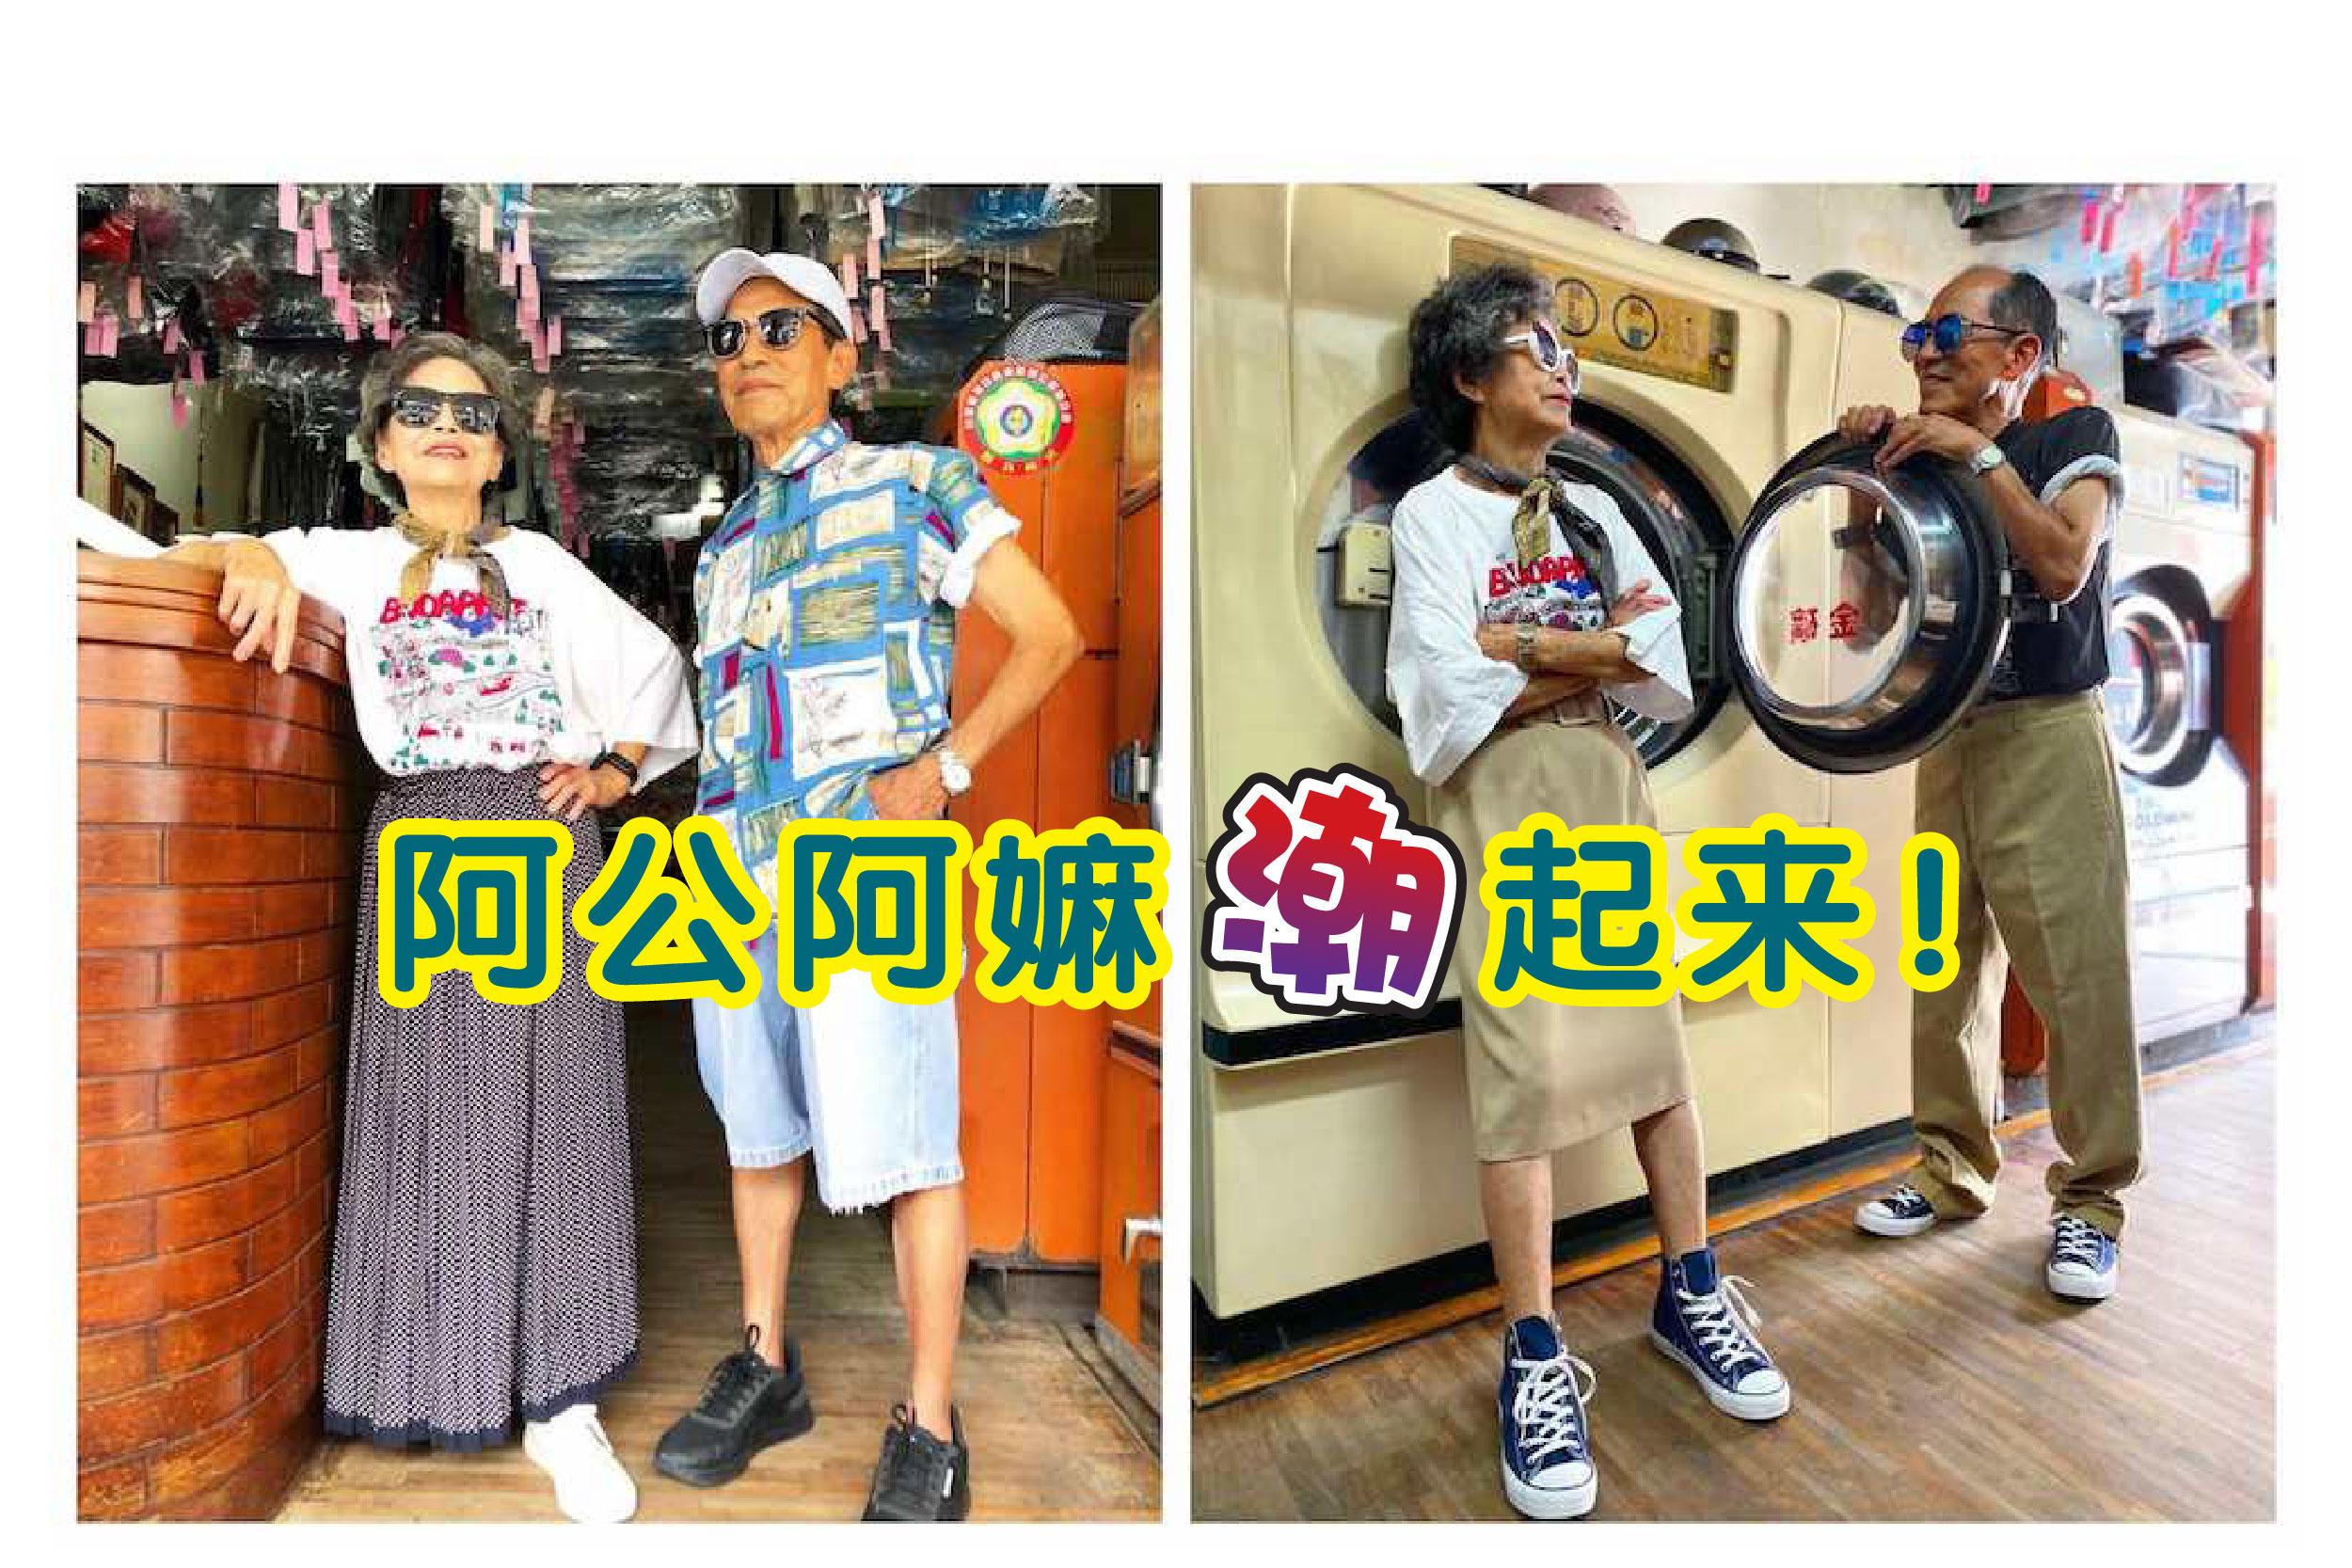 这对可爱的夫妇分别是83岁的万吉和84岁的秀娥,他们利用了客人在万秀洗衣店留下的衣服,搭配出一系列即时尚又创意的风格。-图取自@wantshowasyoung Instagram,精彩大马制图-